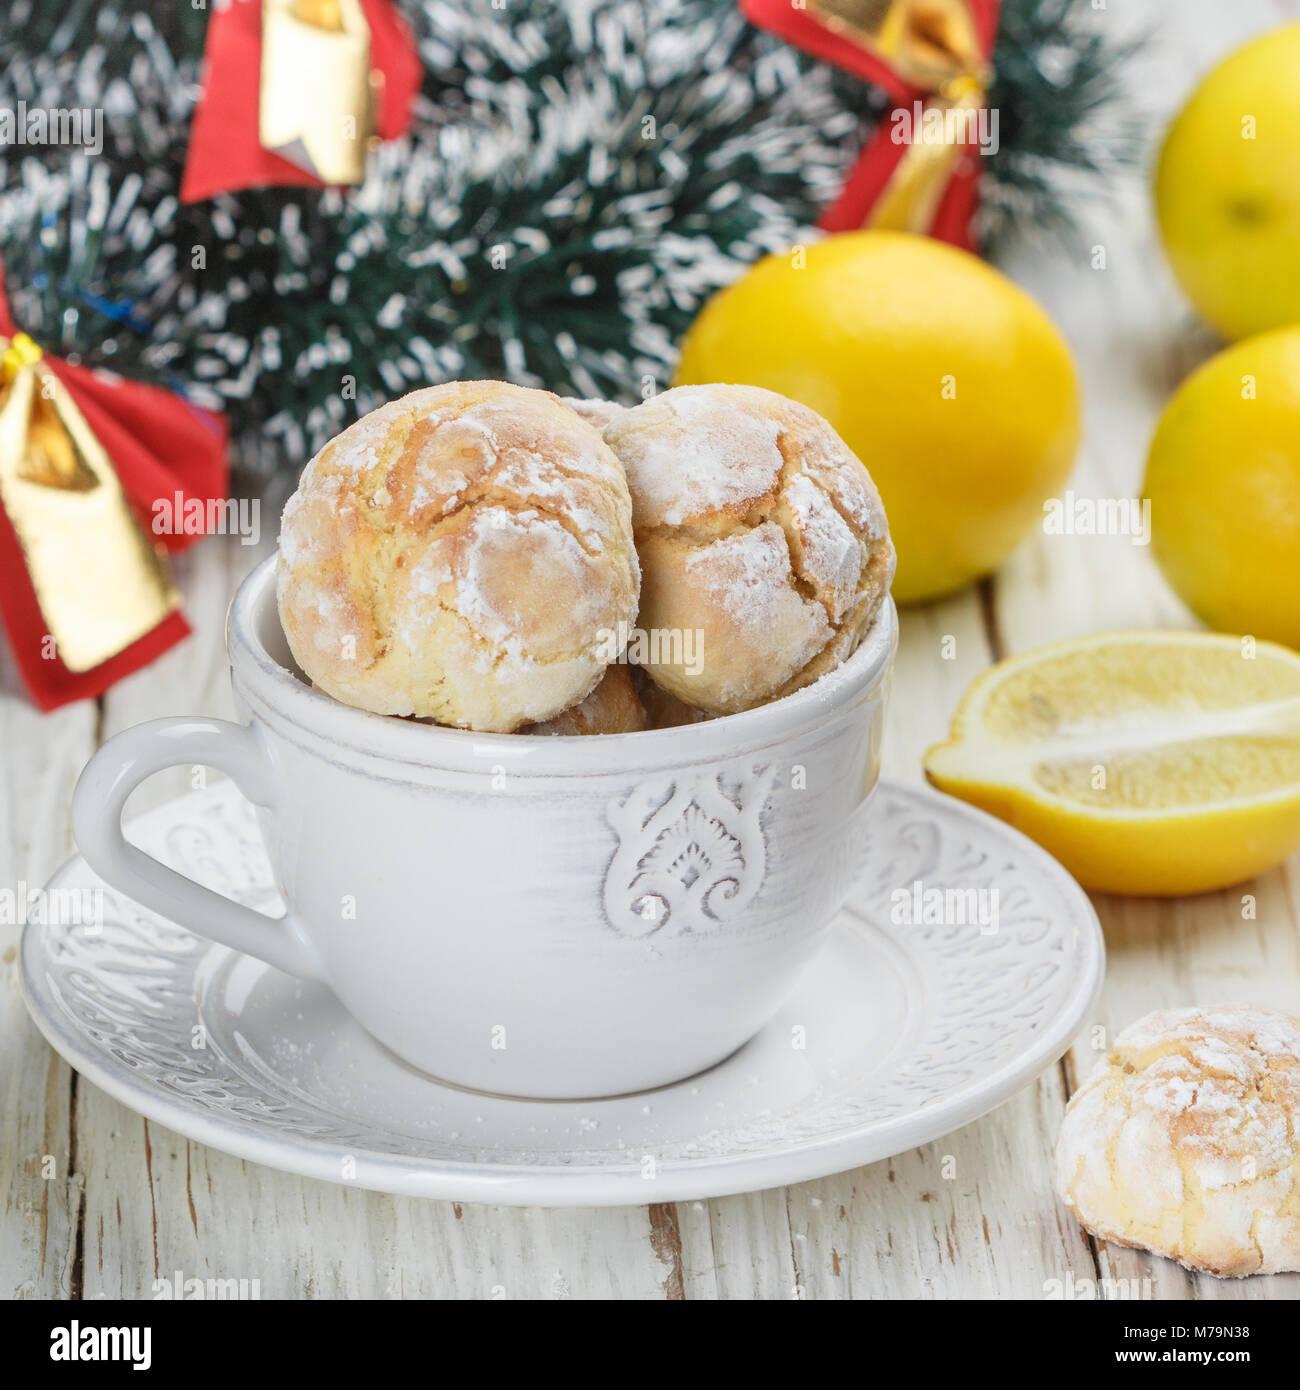 Las cookies de limón con azúcar en polvo. Un delicioso postre casero. Navidad, Año Nuevo. El enfoque Imagen De Stock